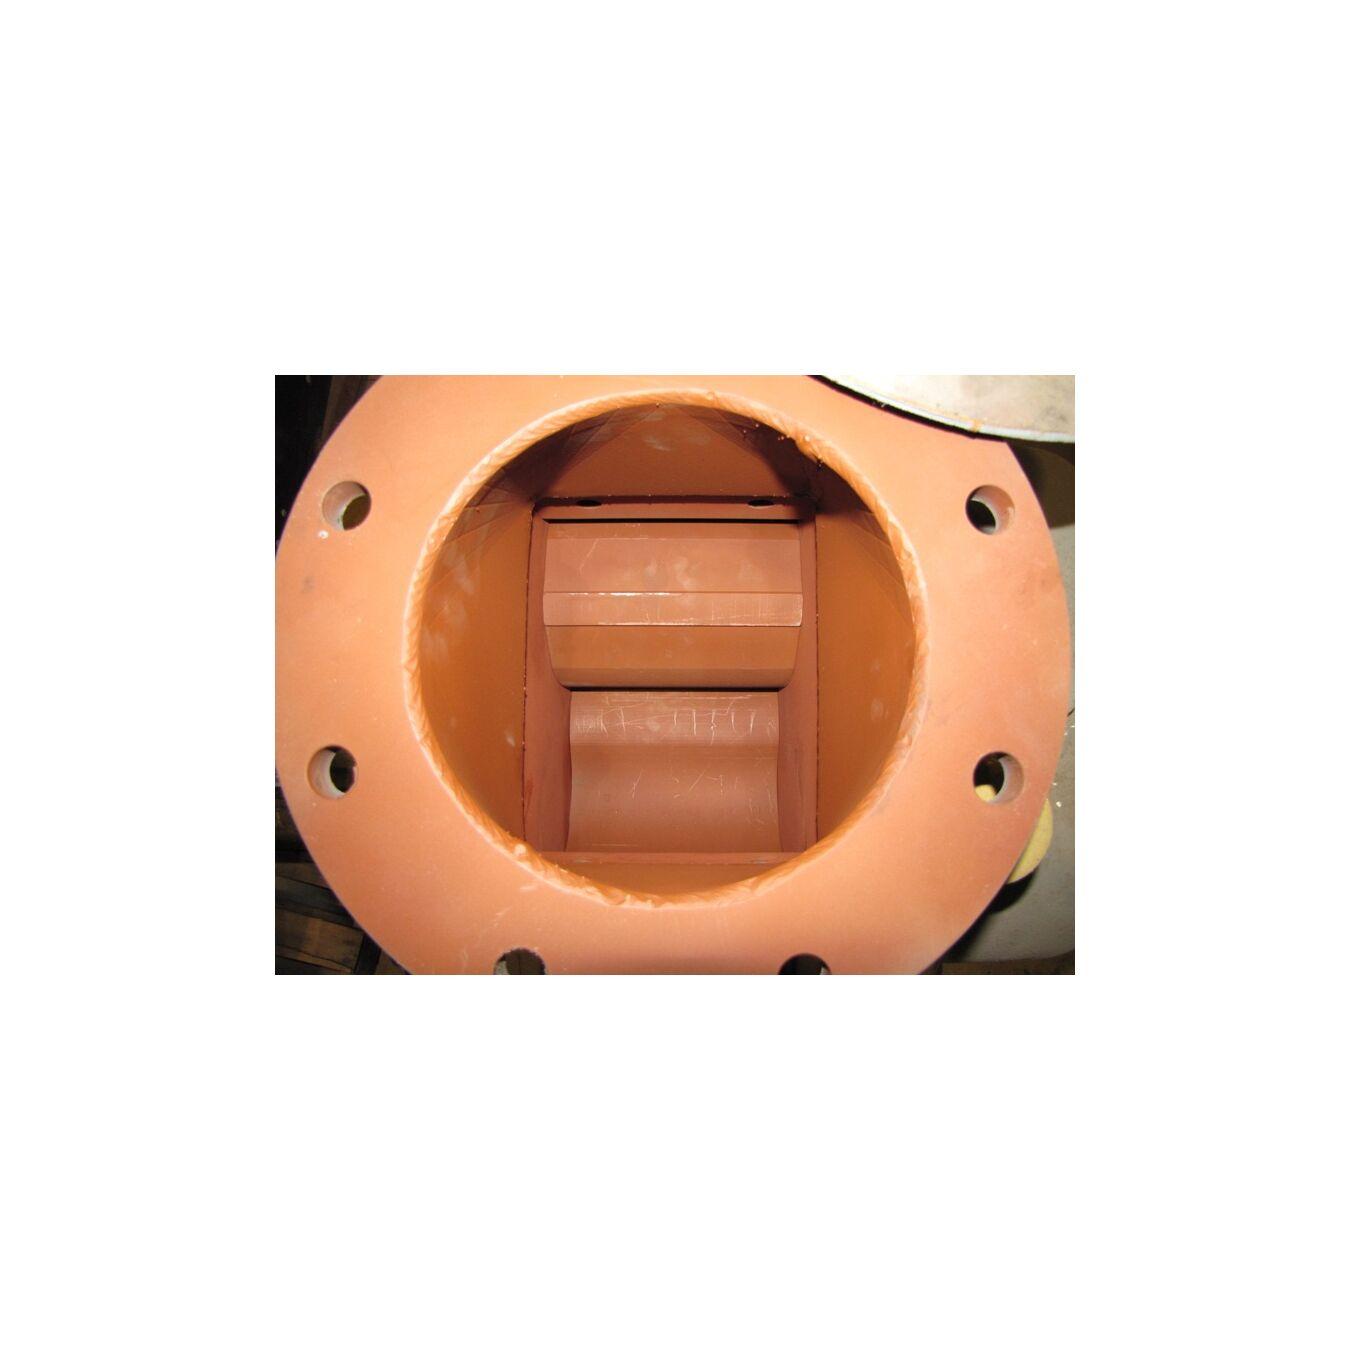 Positive Displacement Blower : Sutorbilt positive displacement rotary blower size